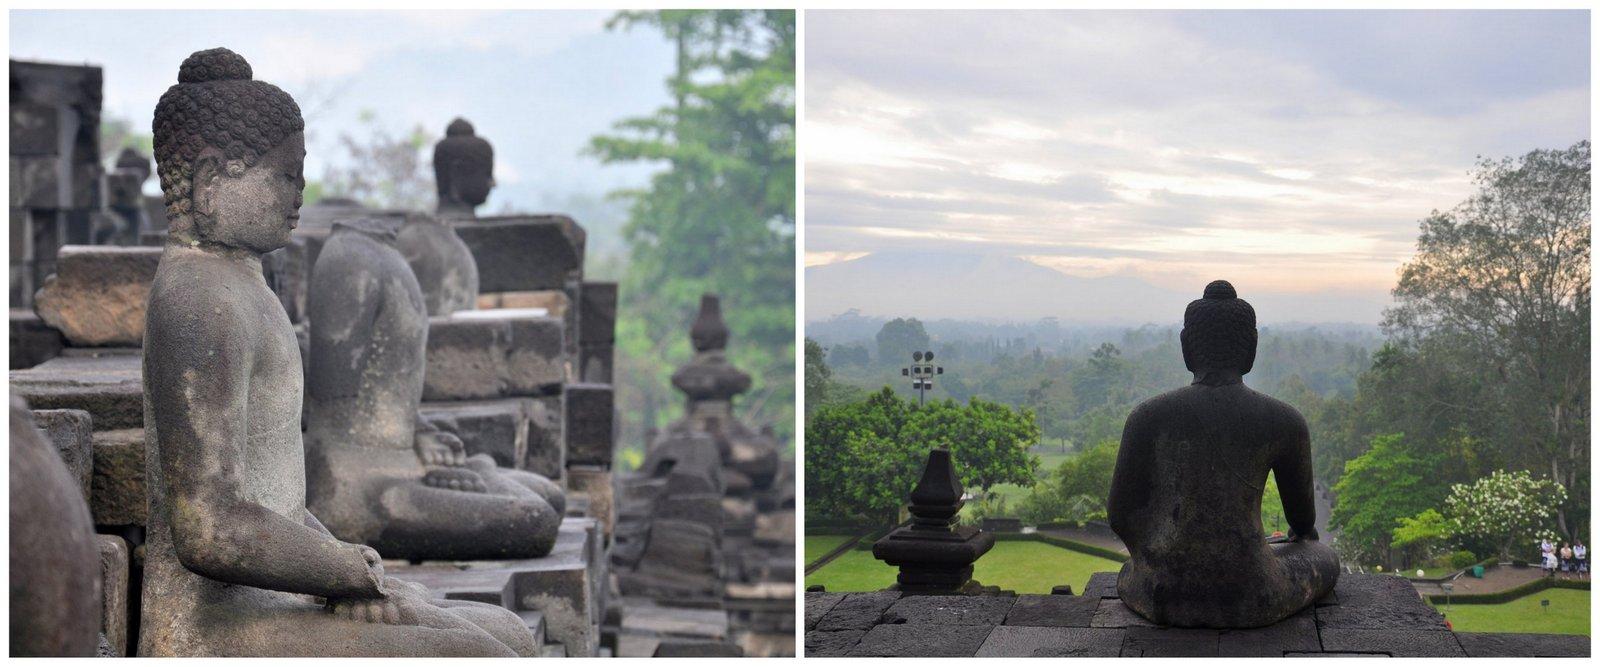 Las estatuas de budas que adornan los niveles inferiores del templo Borobudur